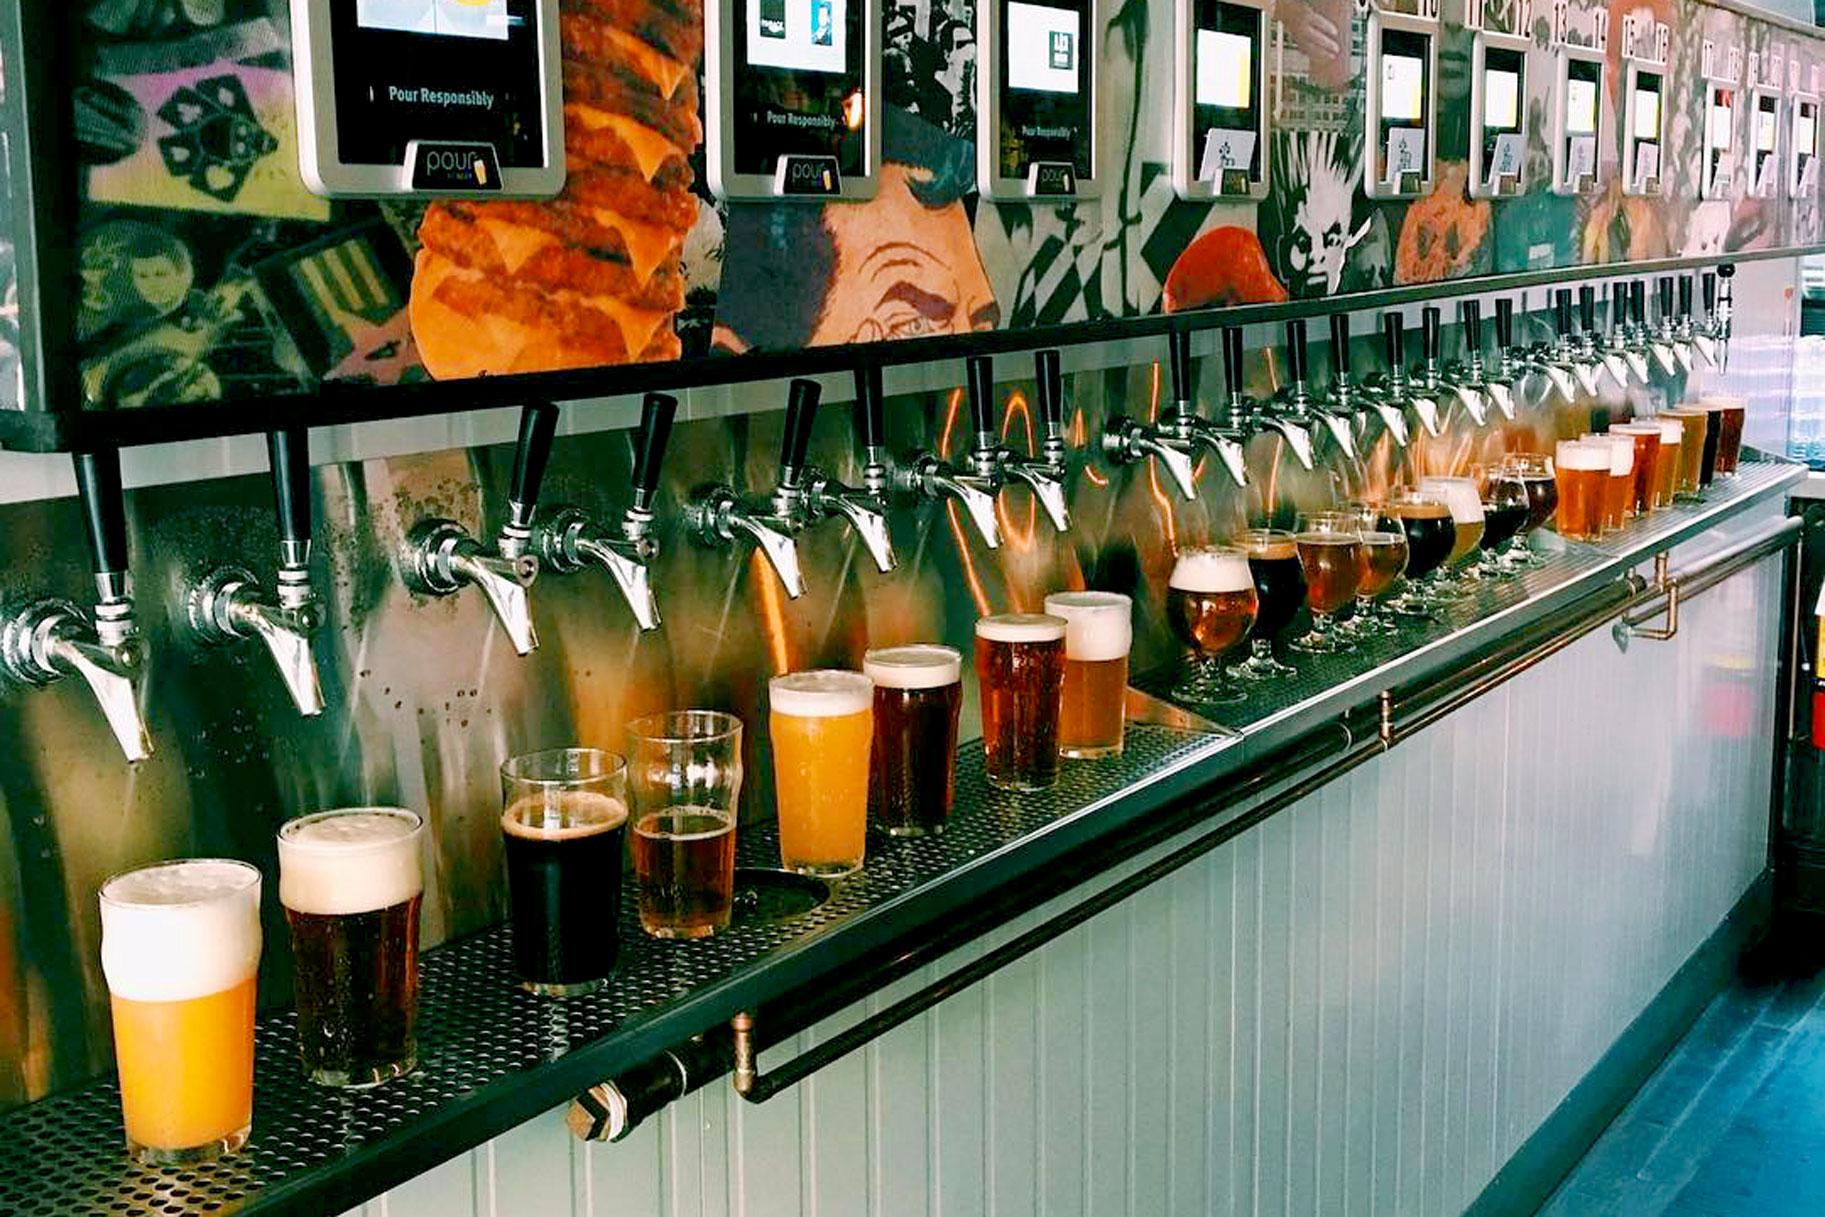 Банкомат за бира е най-новата екстра по баровете (СНИМКИ)